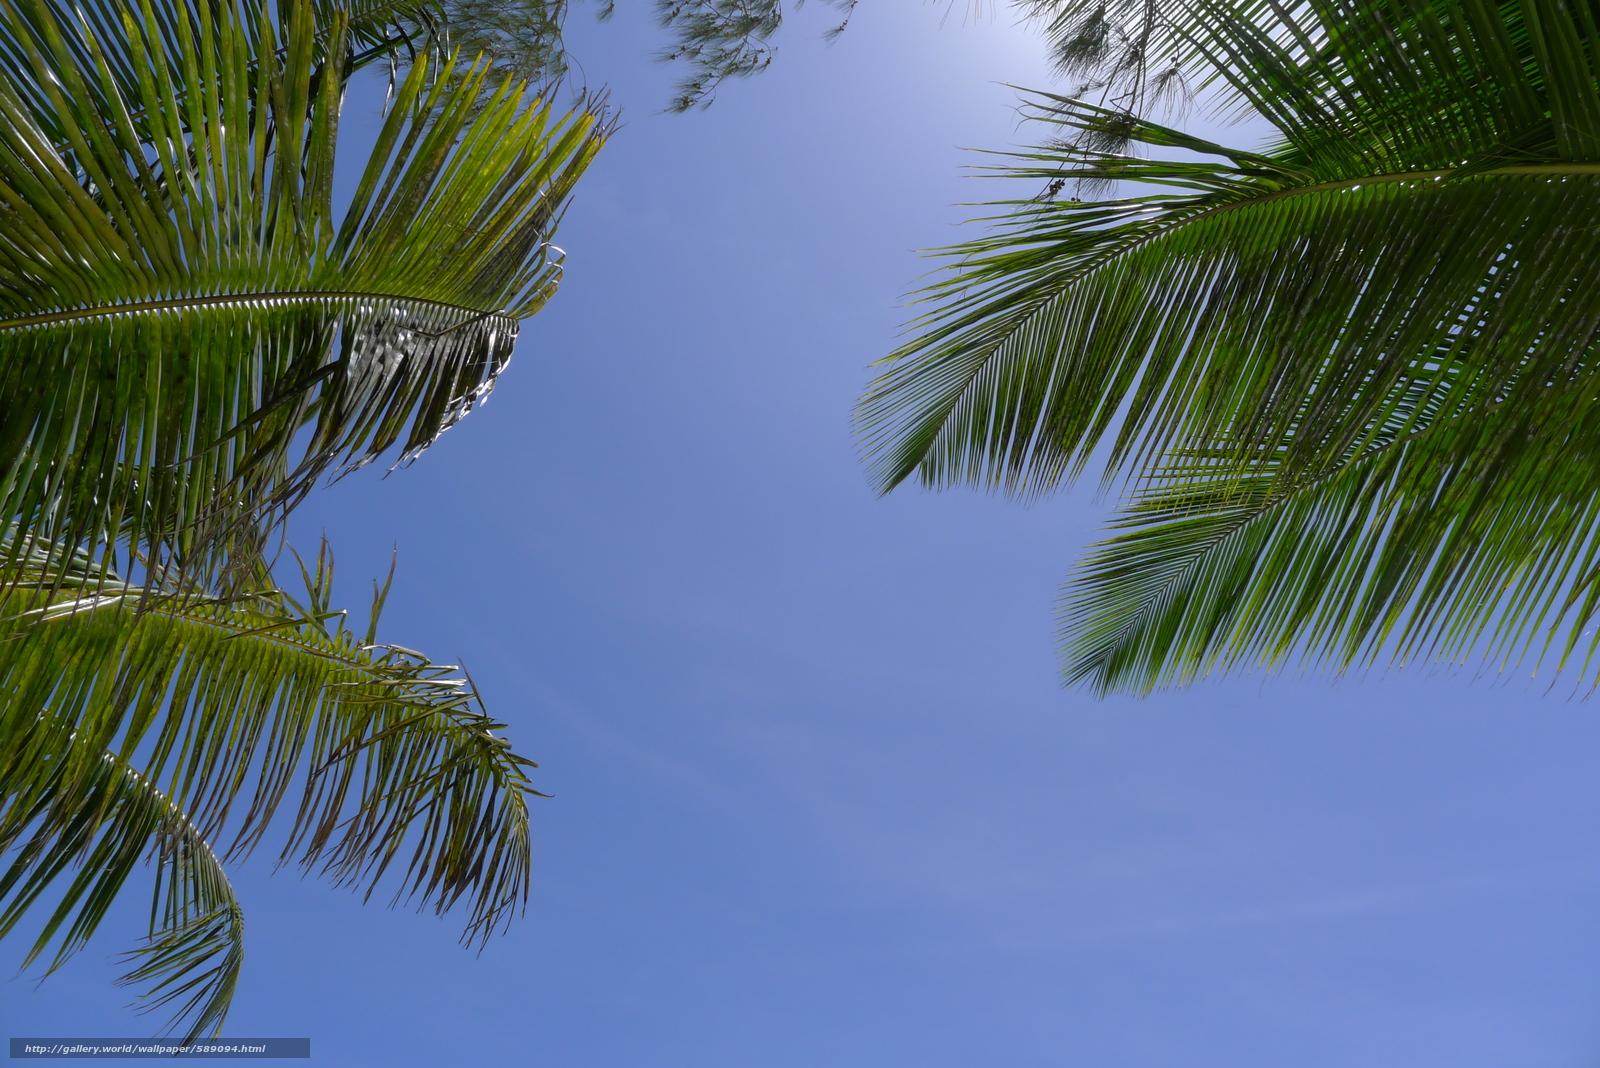 Tlcharger Fond d'ecran Palms,  ciel,  nature Fonds d'ecran gratuits pour votre rsolution du bureau 3776x2520 — image №589094